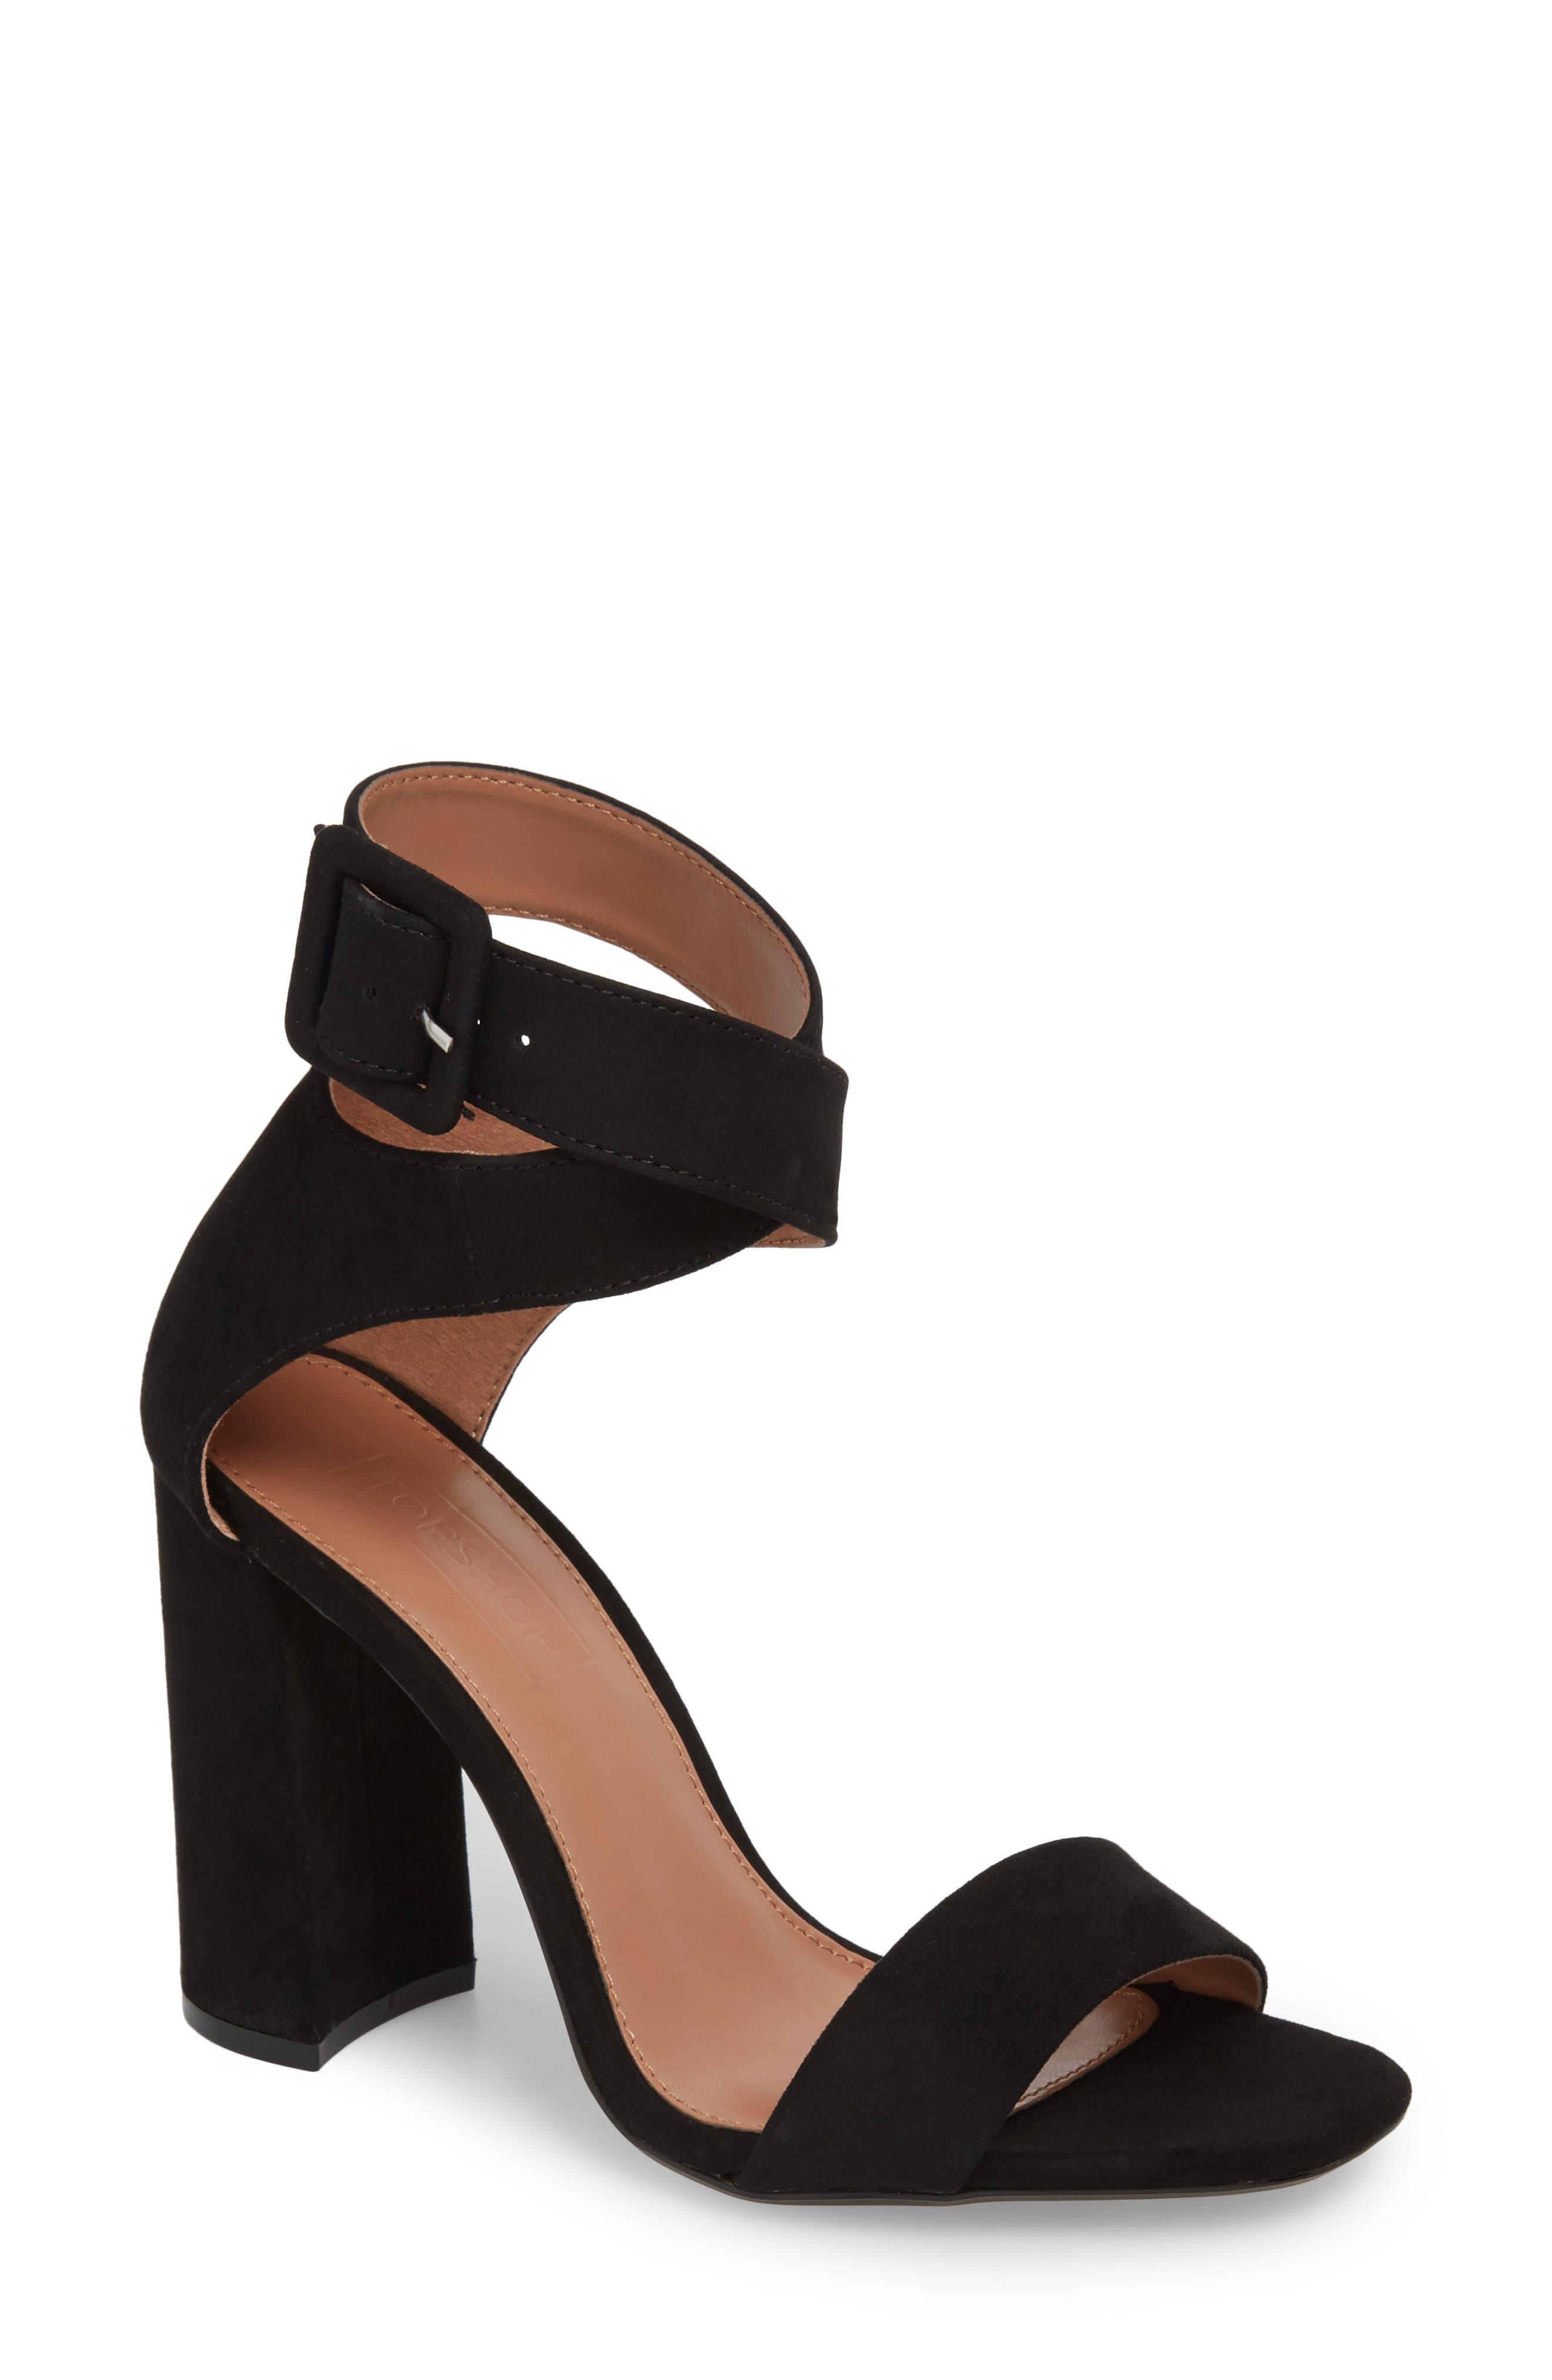 Sinitta Crossover Sandal,                         Main,                         color, 001